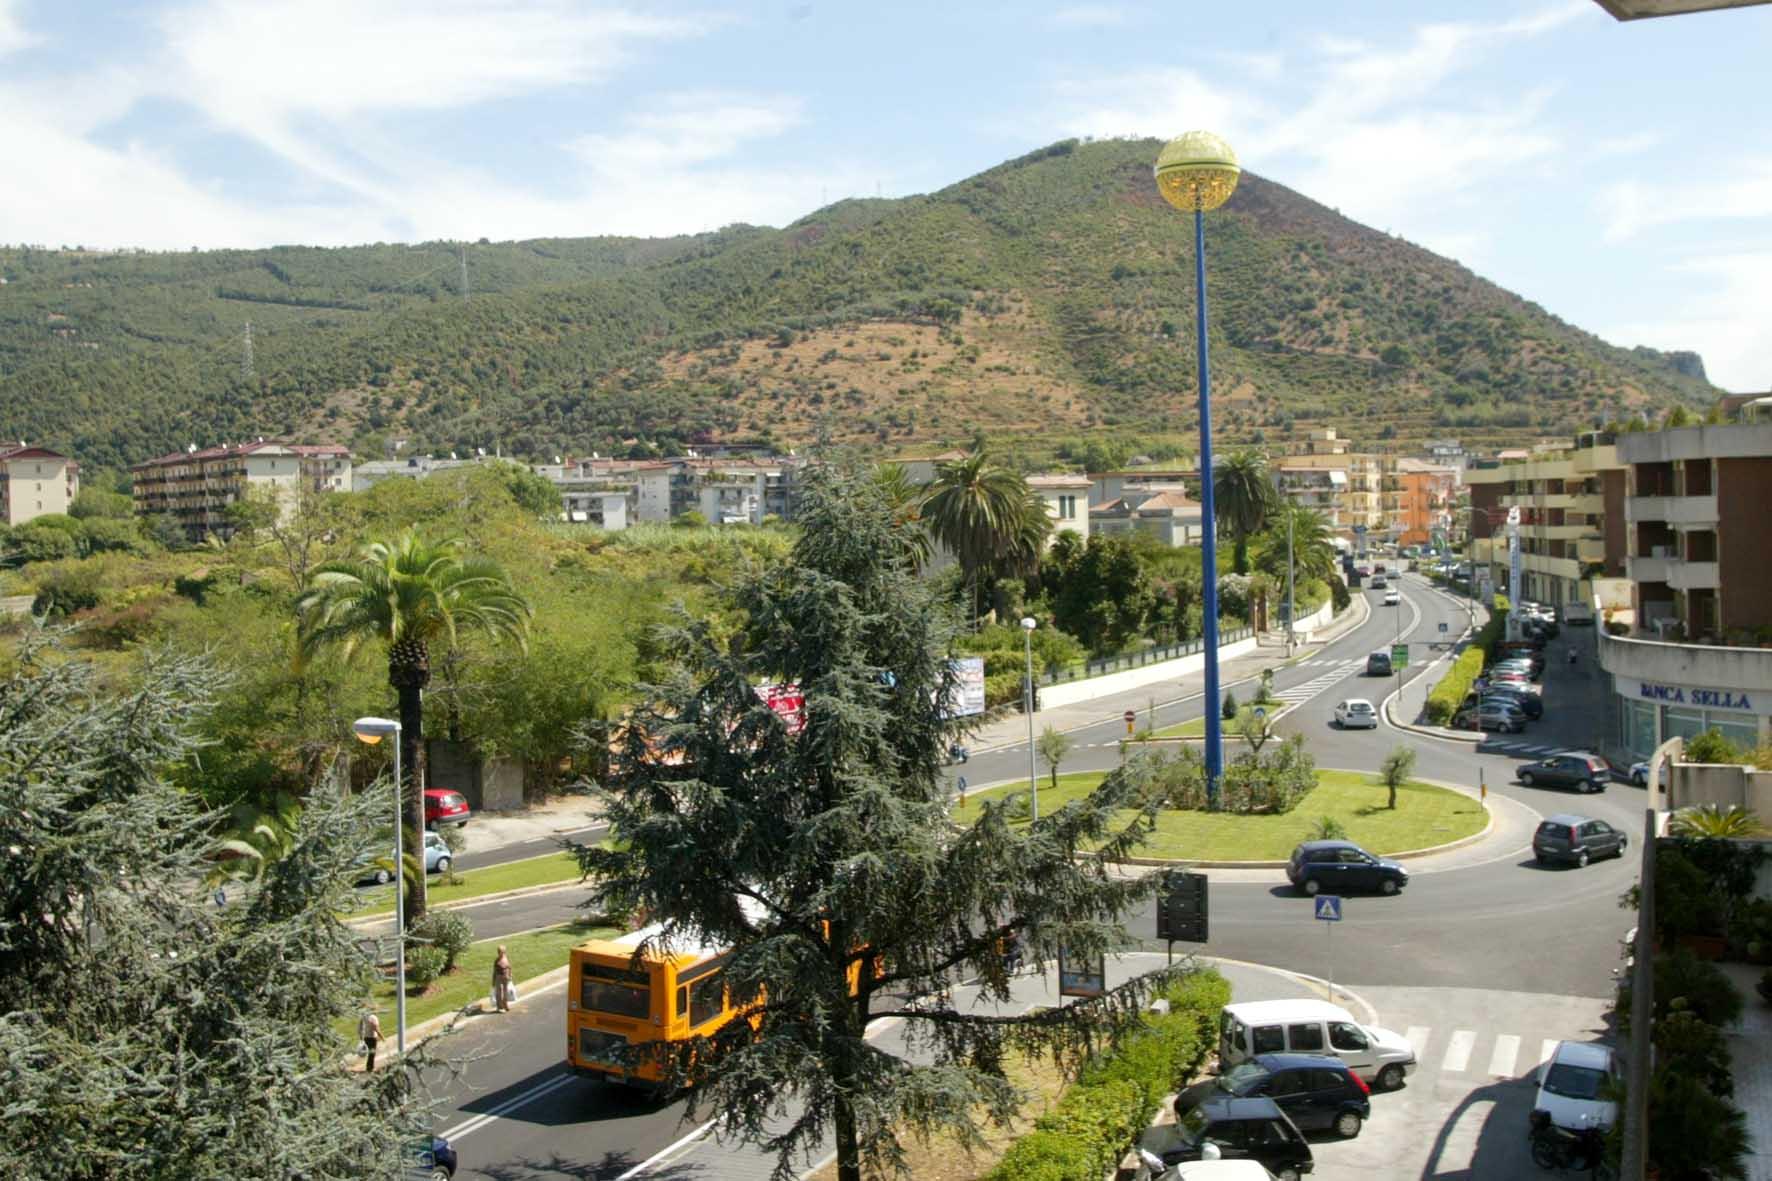 Ufficio Verde Pubblico Salerno : Parco arbostella previsto labbattimento di quattro alberi pericolanti